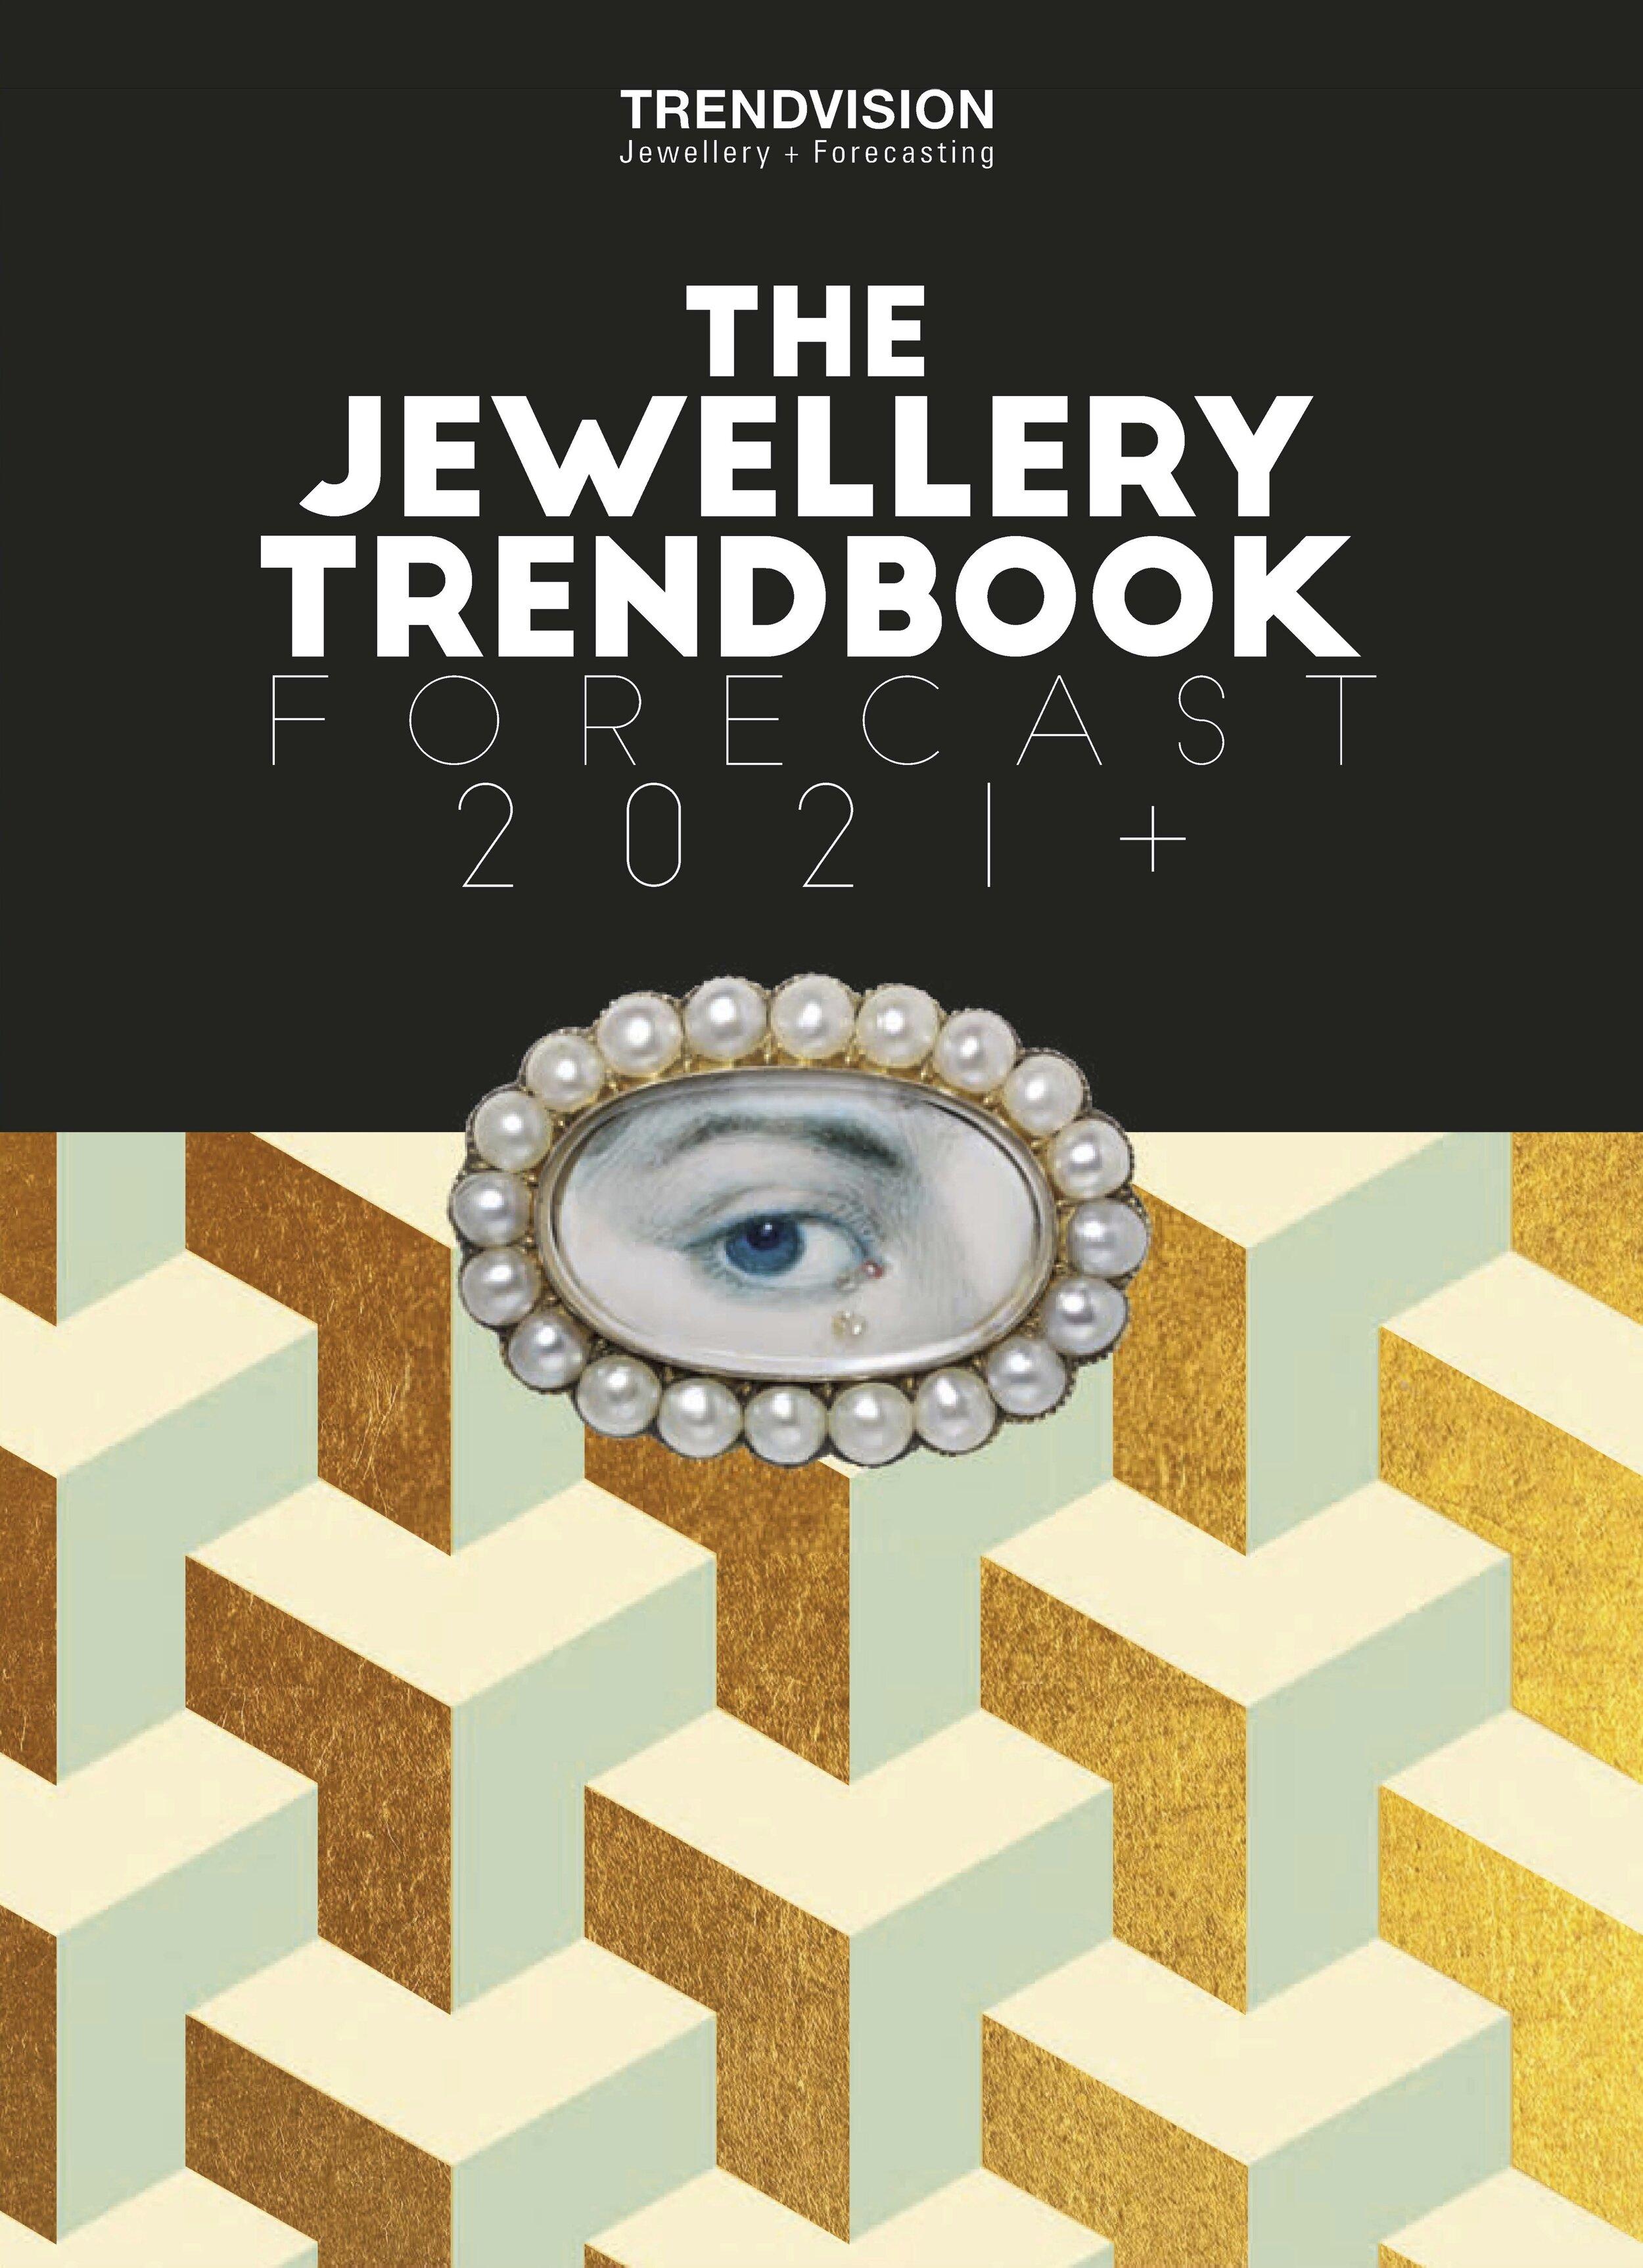 2019-09-00_Trendbook2021+ (by Kareem)_p1 jpeg.jpg